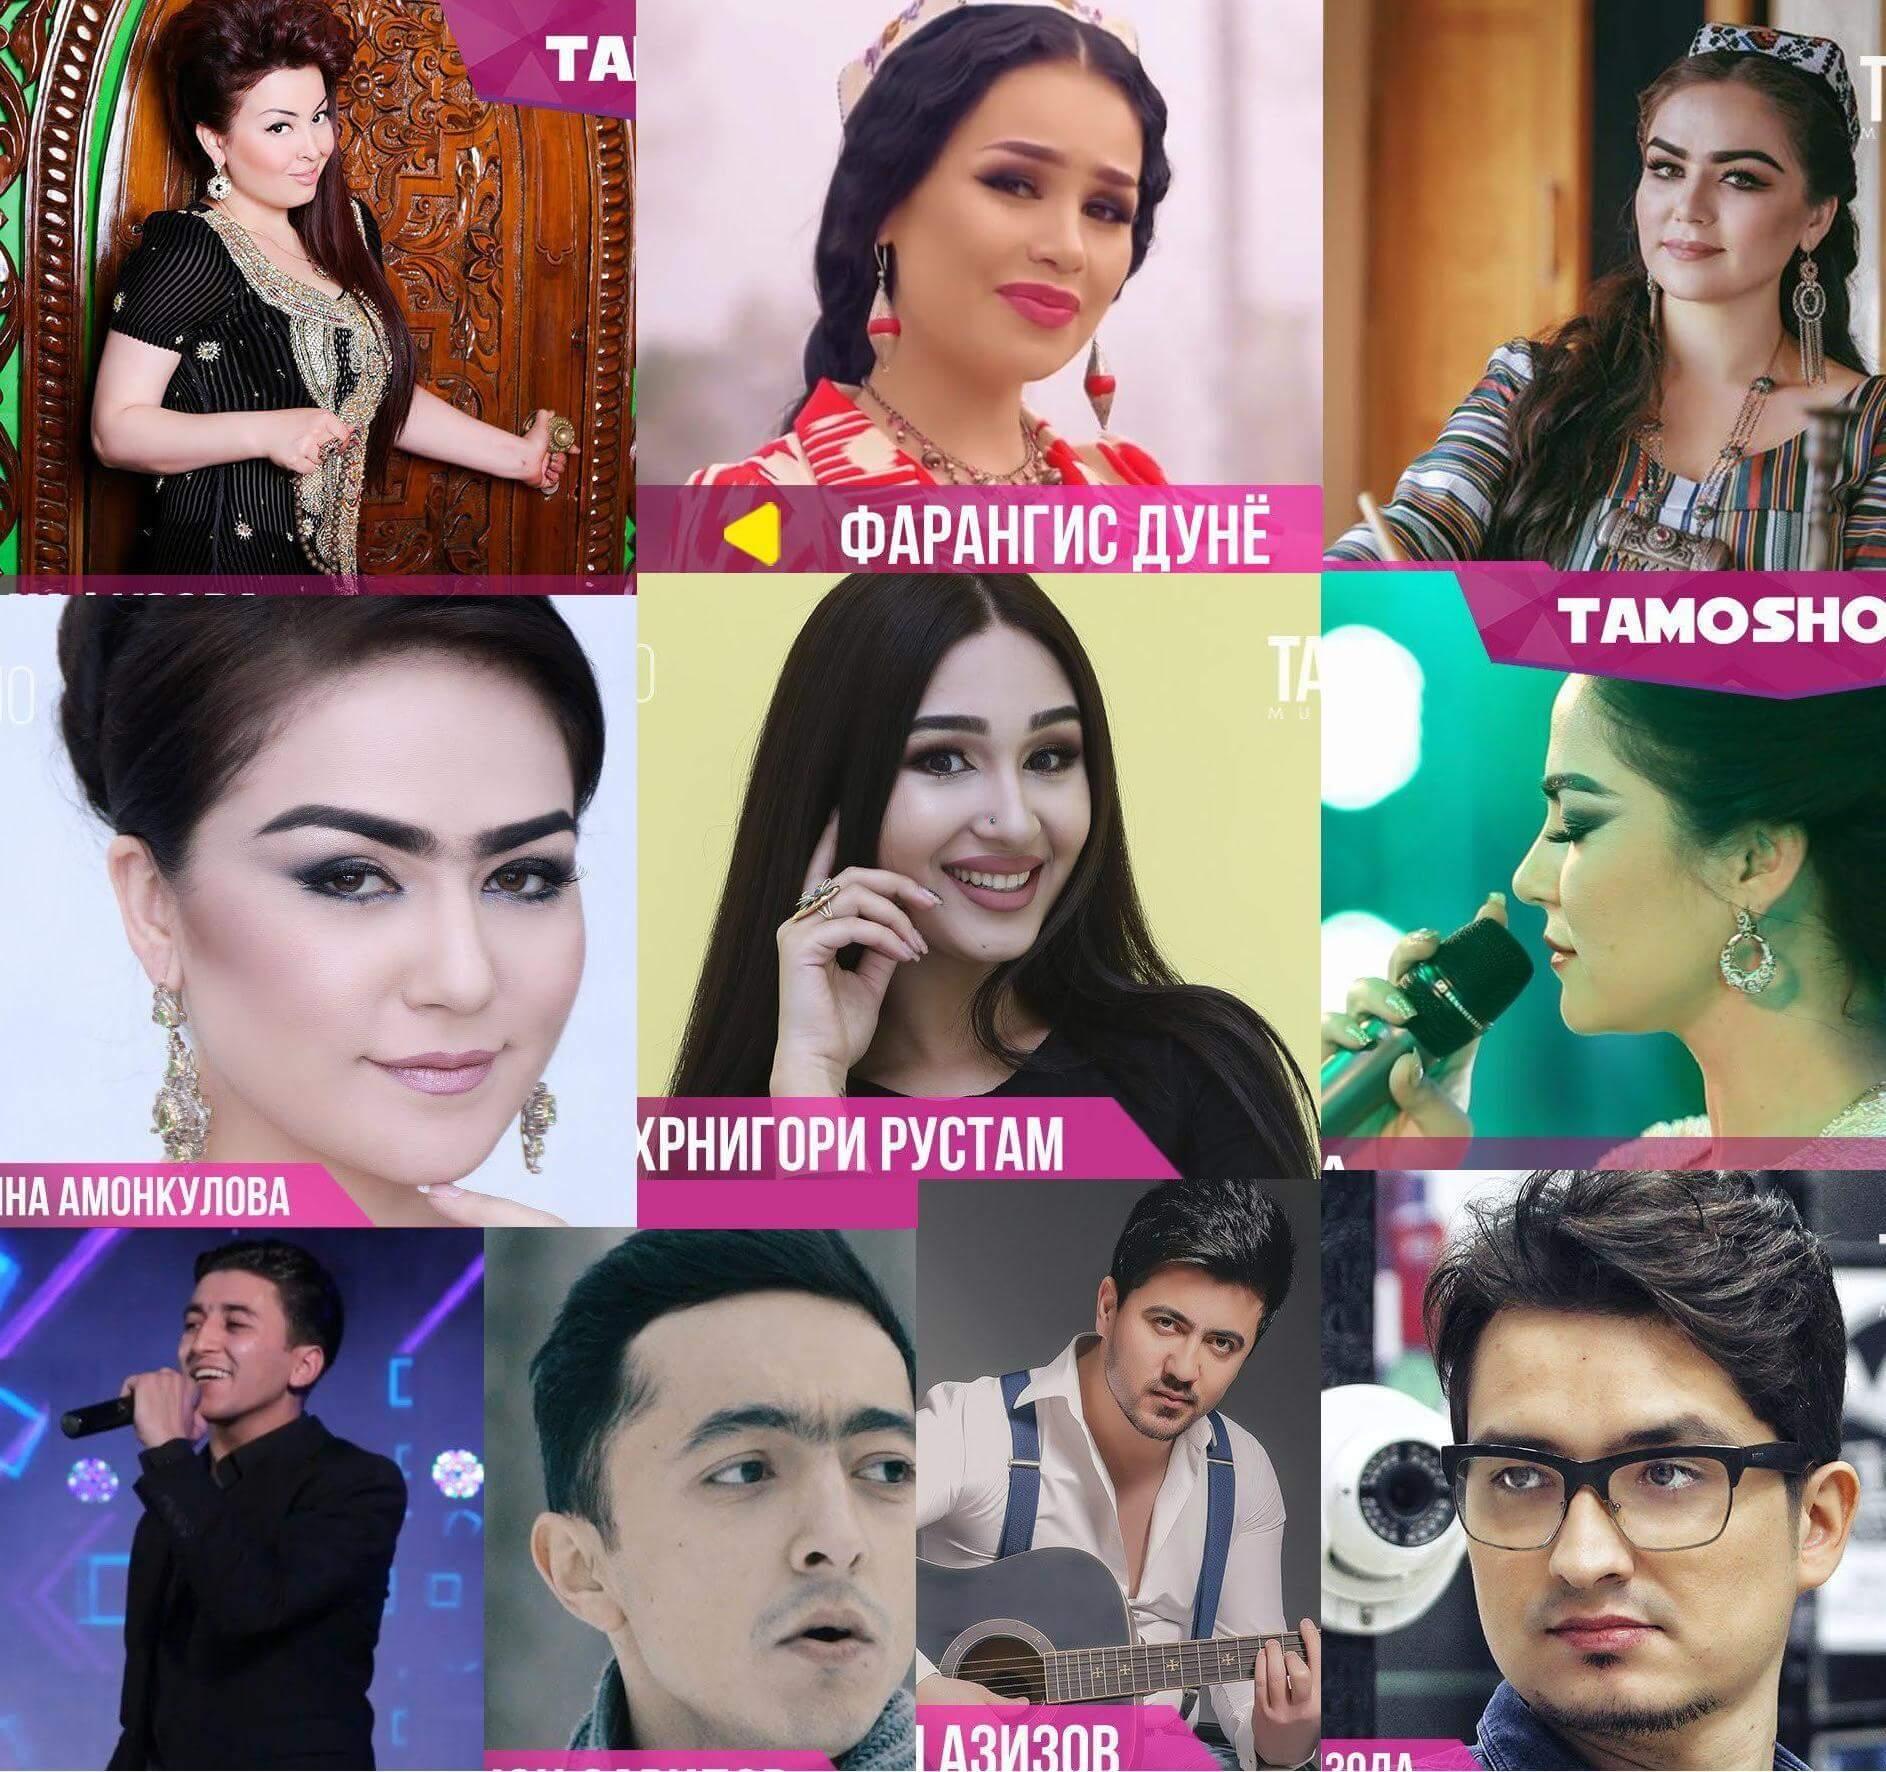 دانلود آهنگ های تاجیکی